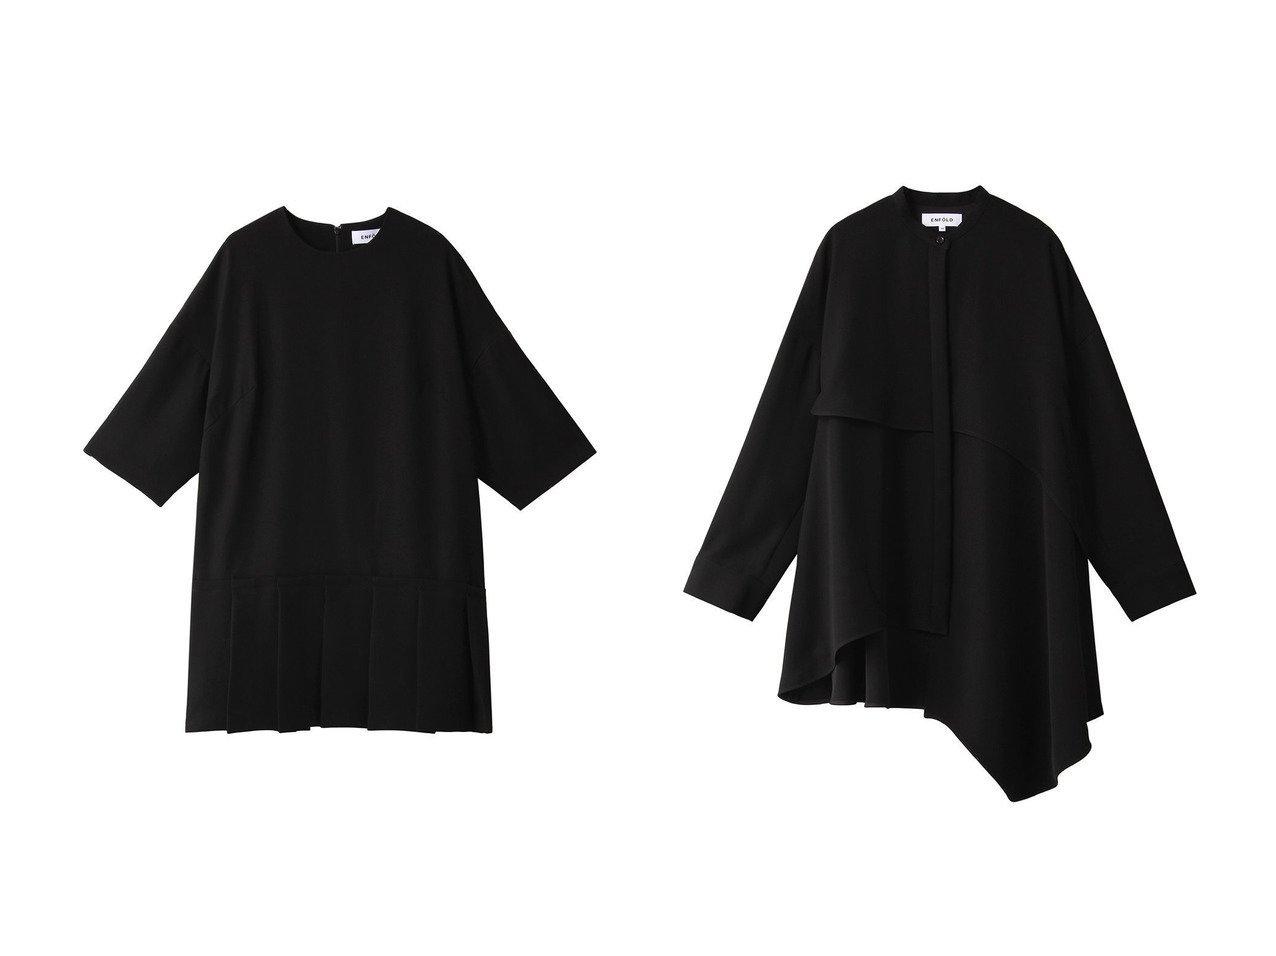 【ENFOLD/エンフォルド】のPEツイル プリーツプルオーバー&PEツイル フレアシャツ トップス・カットソーのおすすめ!人気、トレンド・レディースファッションの通販 おすすめで人気の流行・トレンド、ファッションの通販商品 メンズファッション・キッズファッション・インテリア・家具・レディースファッション・服の通販 founy(ファニー) https://founy.com/ ファッション Fashion レディースファッション WOMEN トップス Tops Tshirt シャツ/ブラウス Shirts Blouses プルオーバー Pullover 2021年 2021 2021 春夏 S/S SS Spring/Summer 2021 S/S 春夏 SS Spring/Summer スリーブ ツイル プリーツ ロング 春 Spring |ID:crp329100000013755